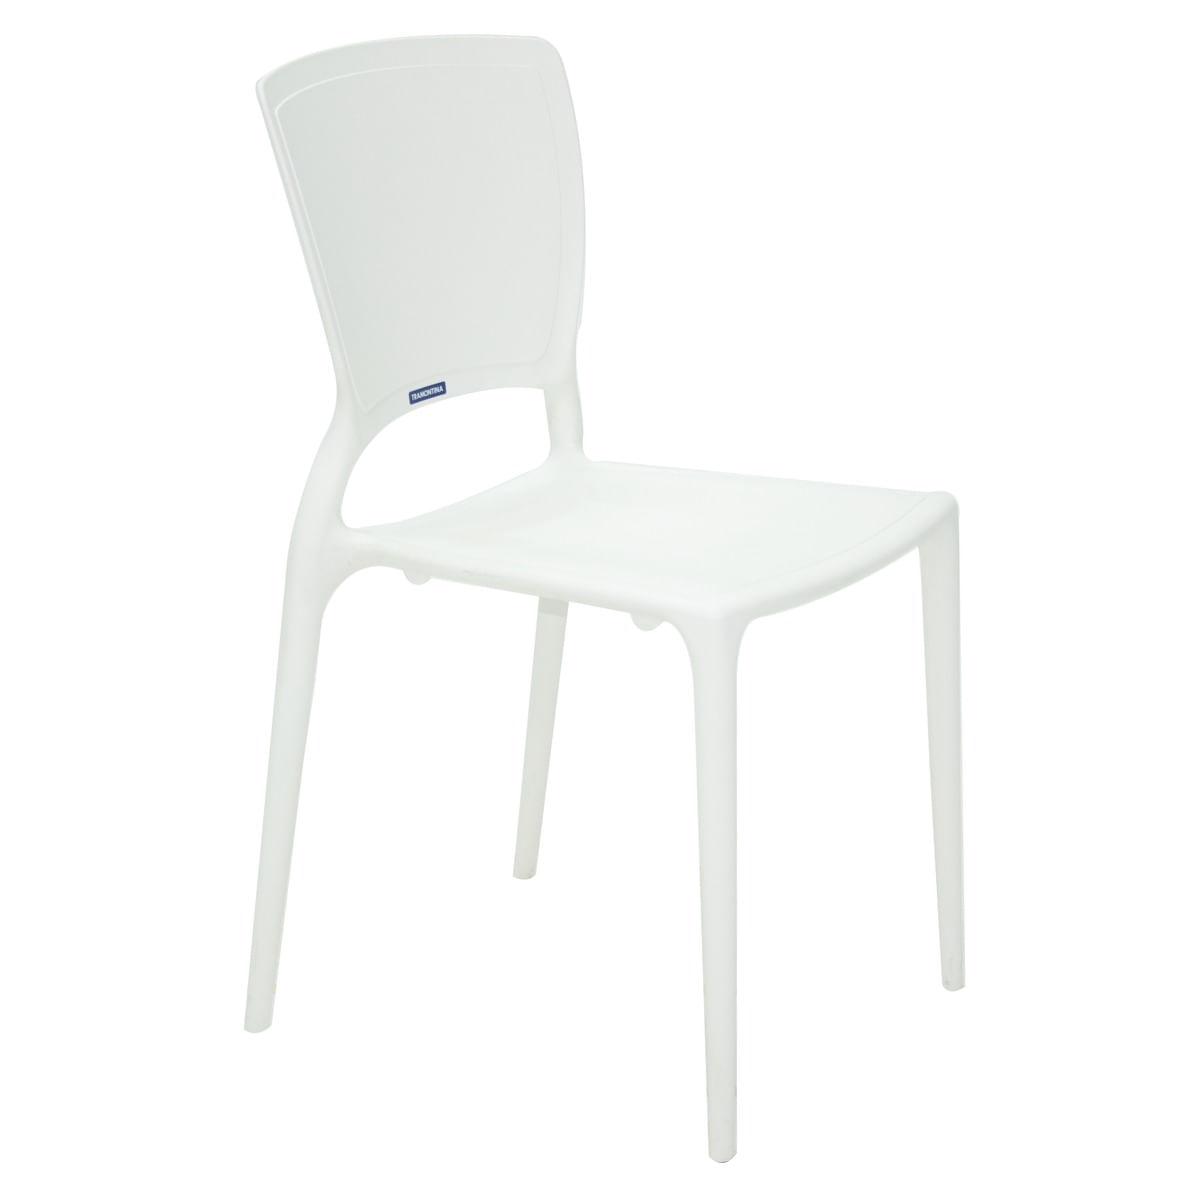 fa343bbb4 Cadeira Tramontina Sofia Branca sem Braços Encosto Fechado em Polipropileno  e Fibra de Vidro